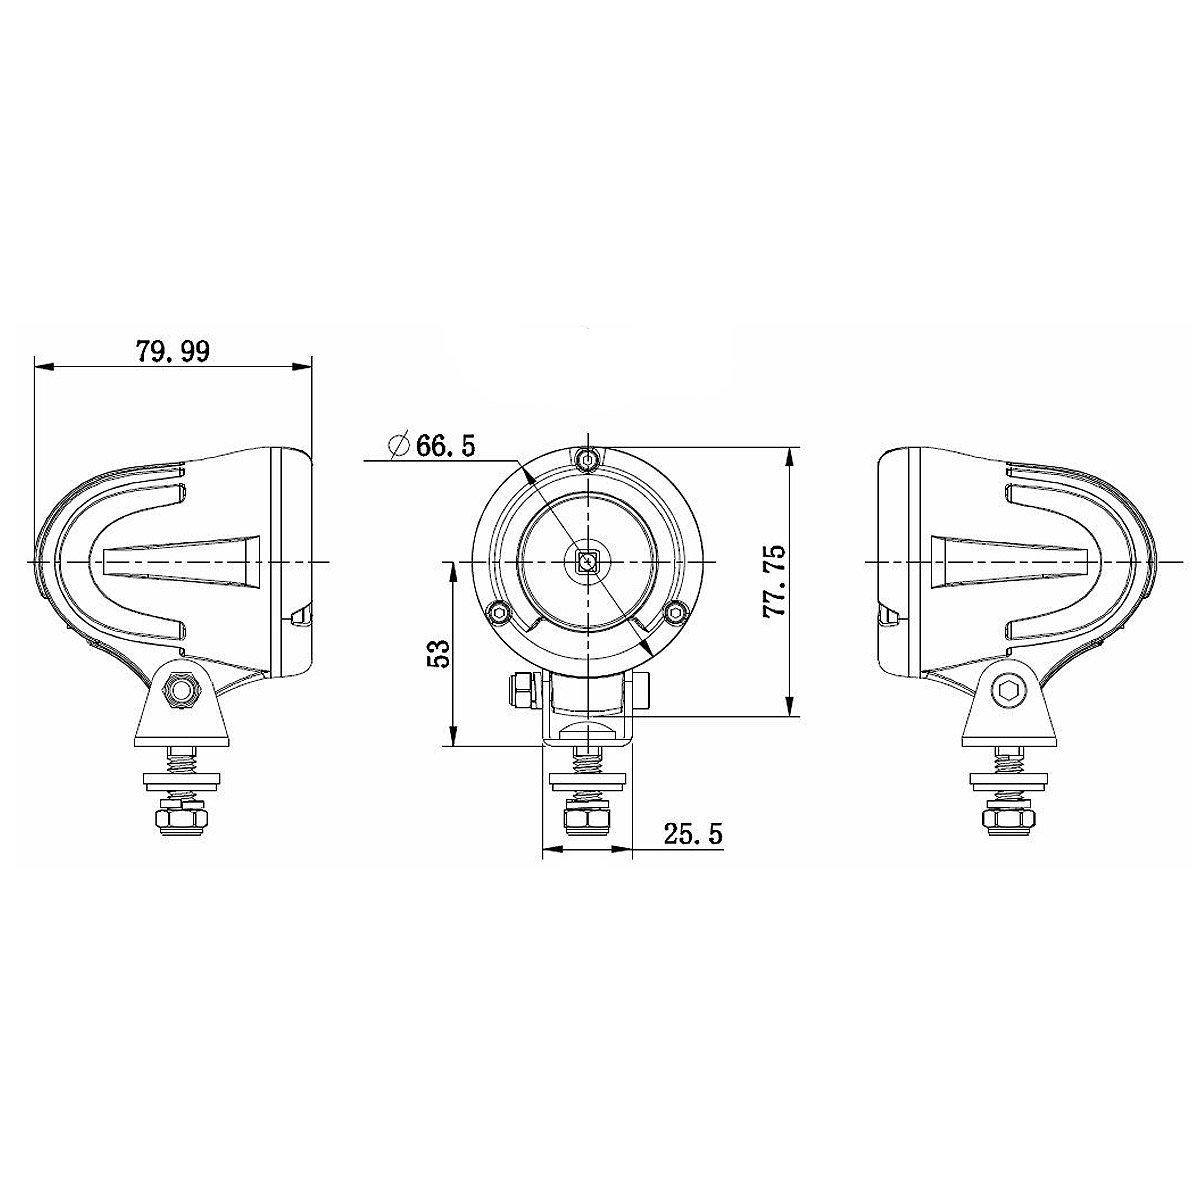 10w Worklight 60 Model Wl106 F